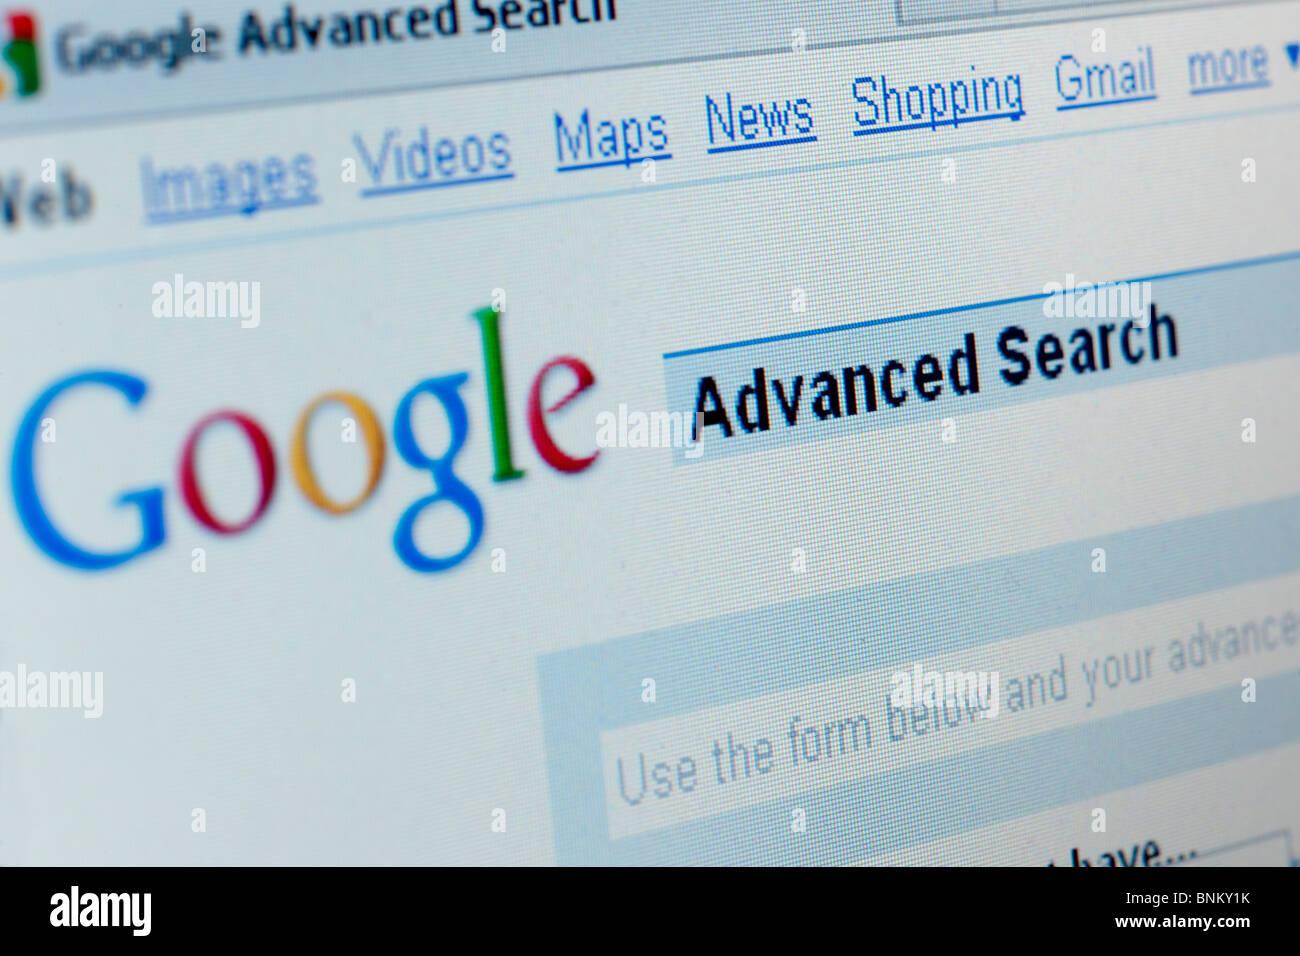 Google Ricerca avanzata Immagini Stock